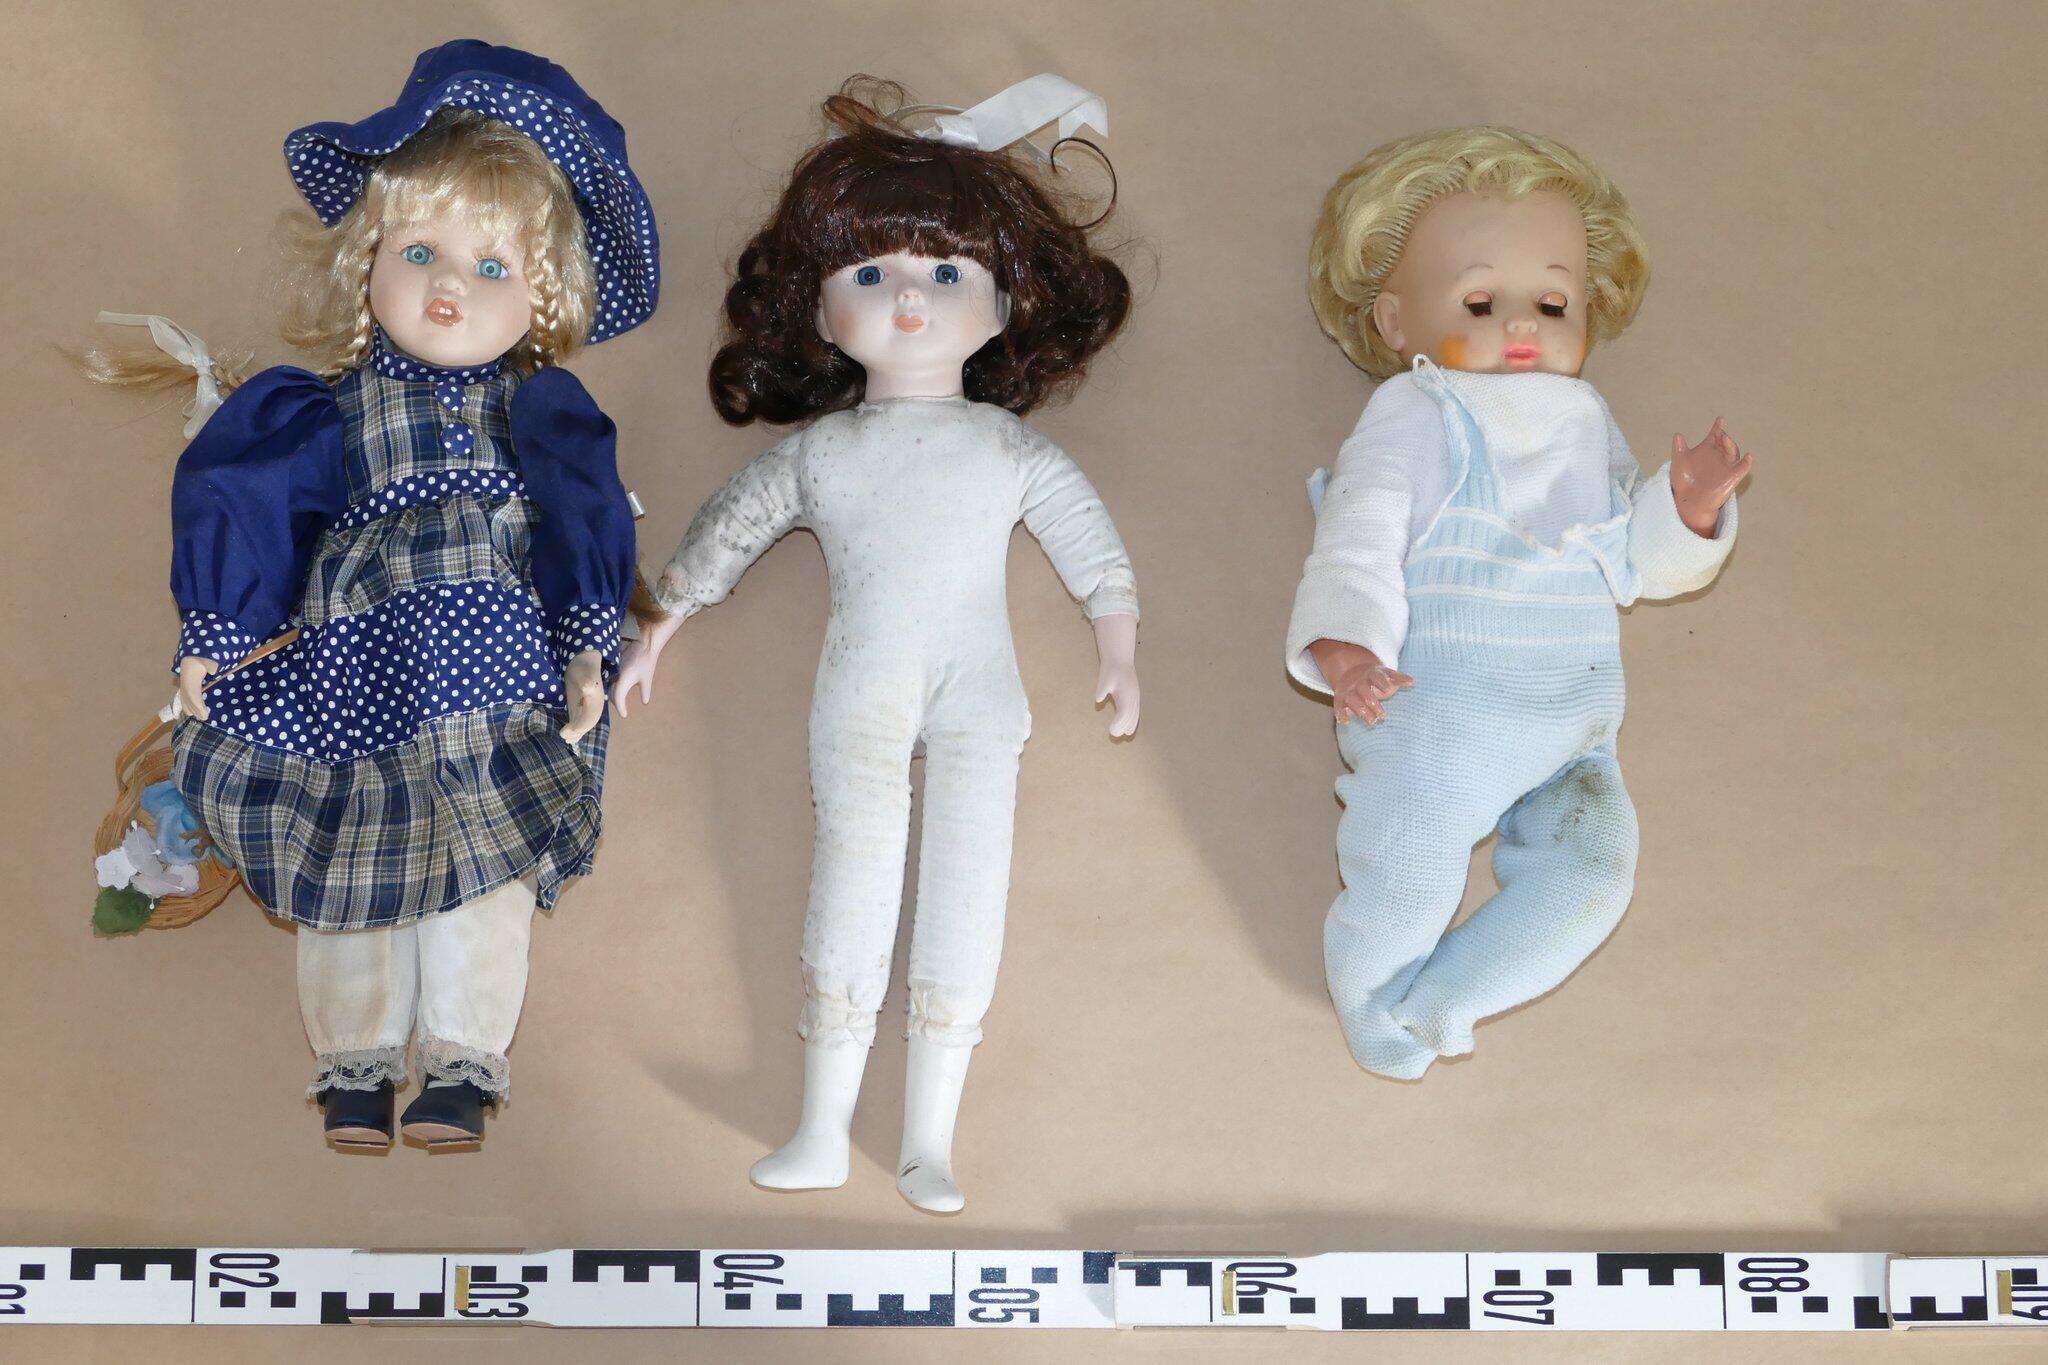 Bild zu Seltsame Puppen im Wald - Polizei löst Rätsel